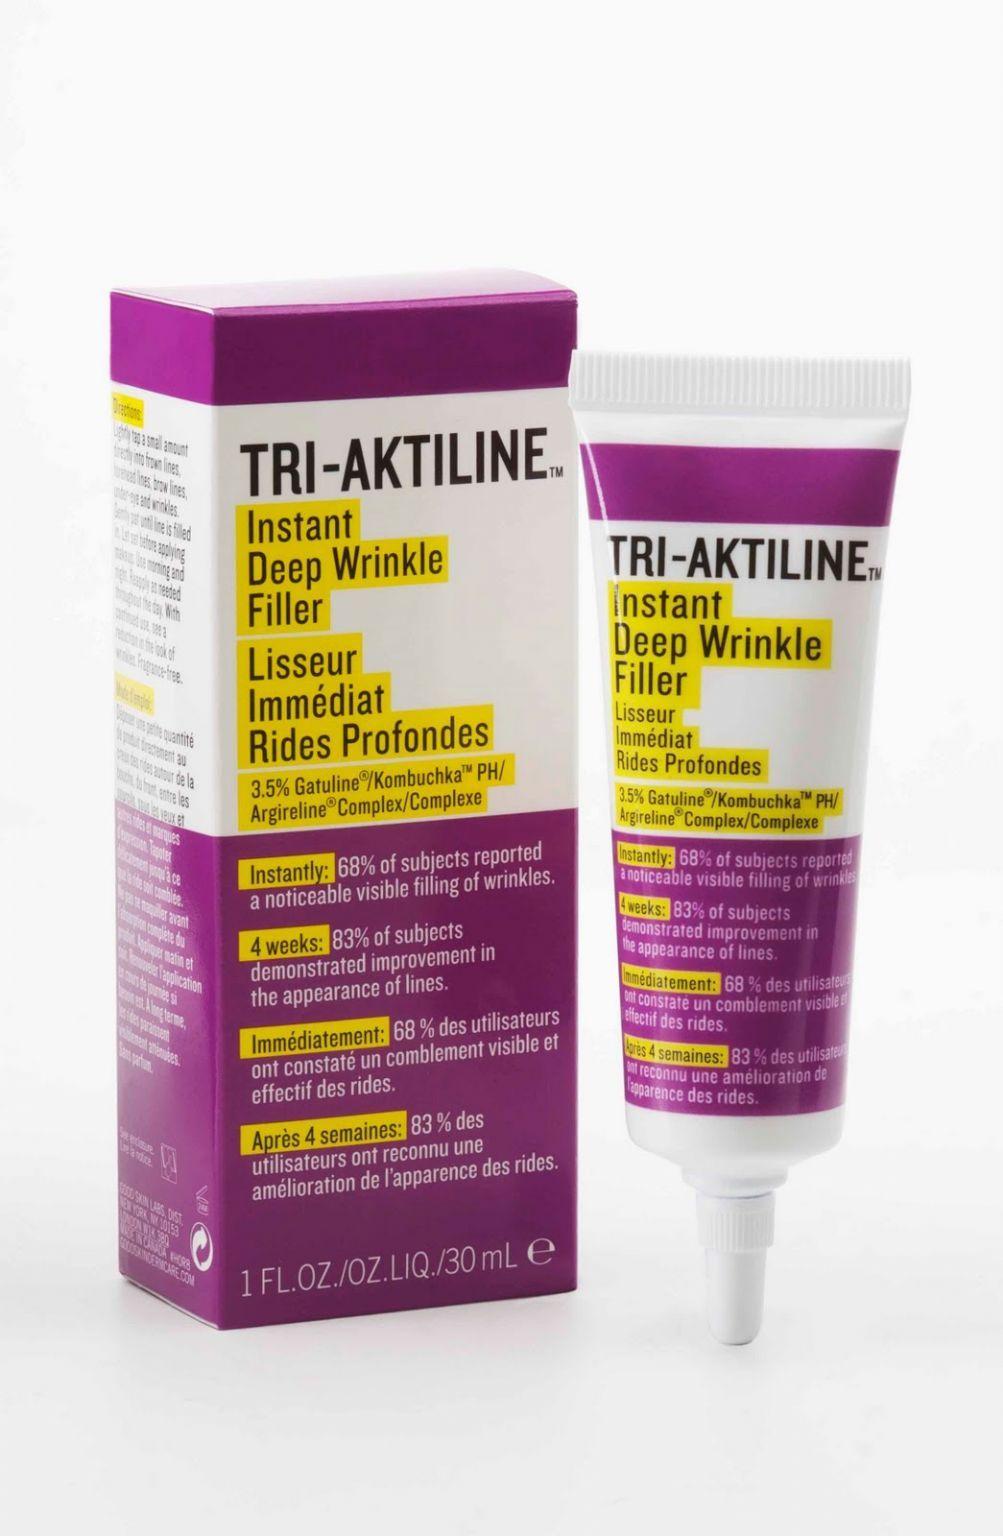 Tri-Aktiline Instant Deep Wrinkle filler